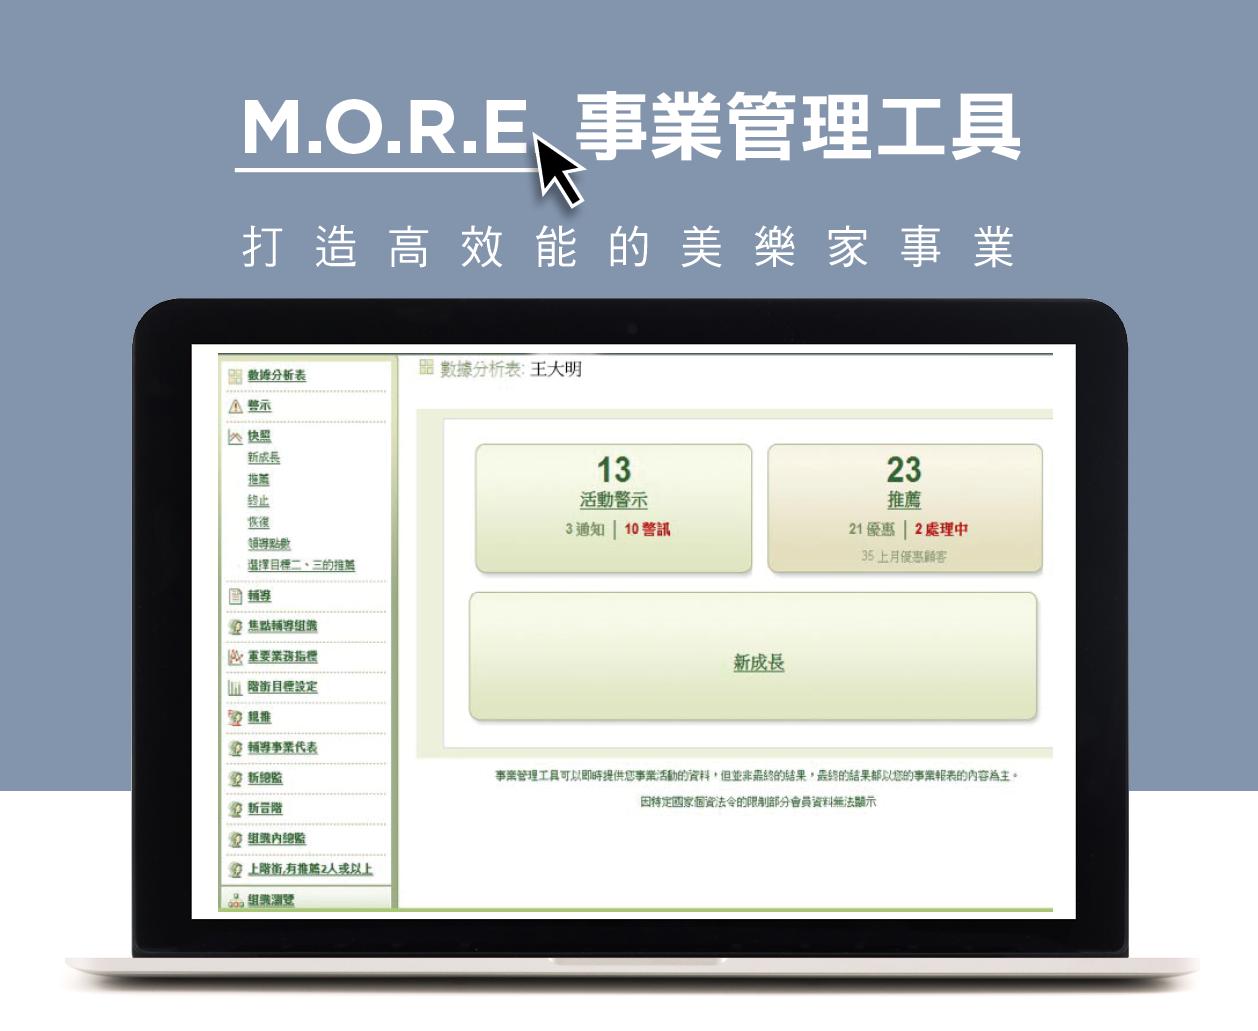 M.O.R.E.事業管理工具 打造高效能的美樂家事業